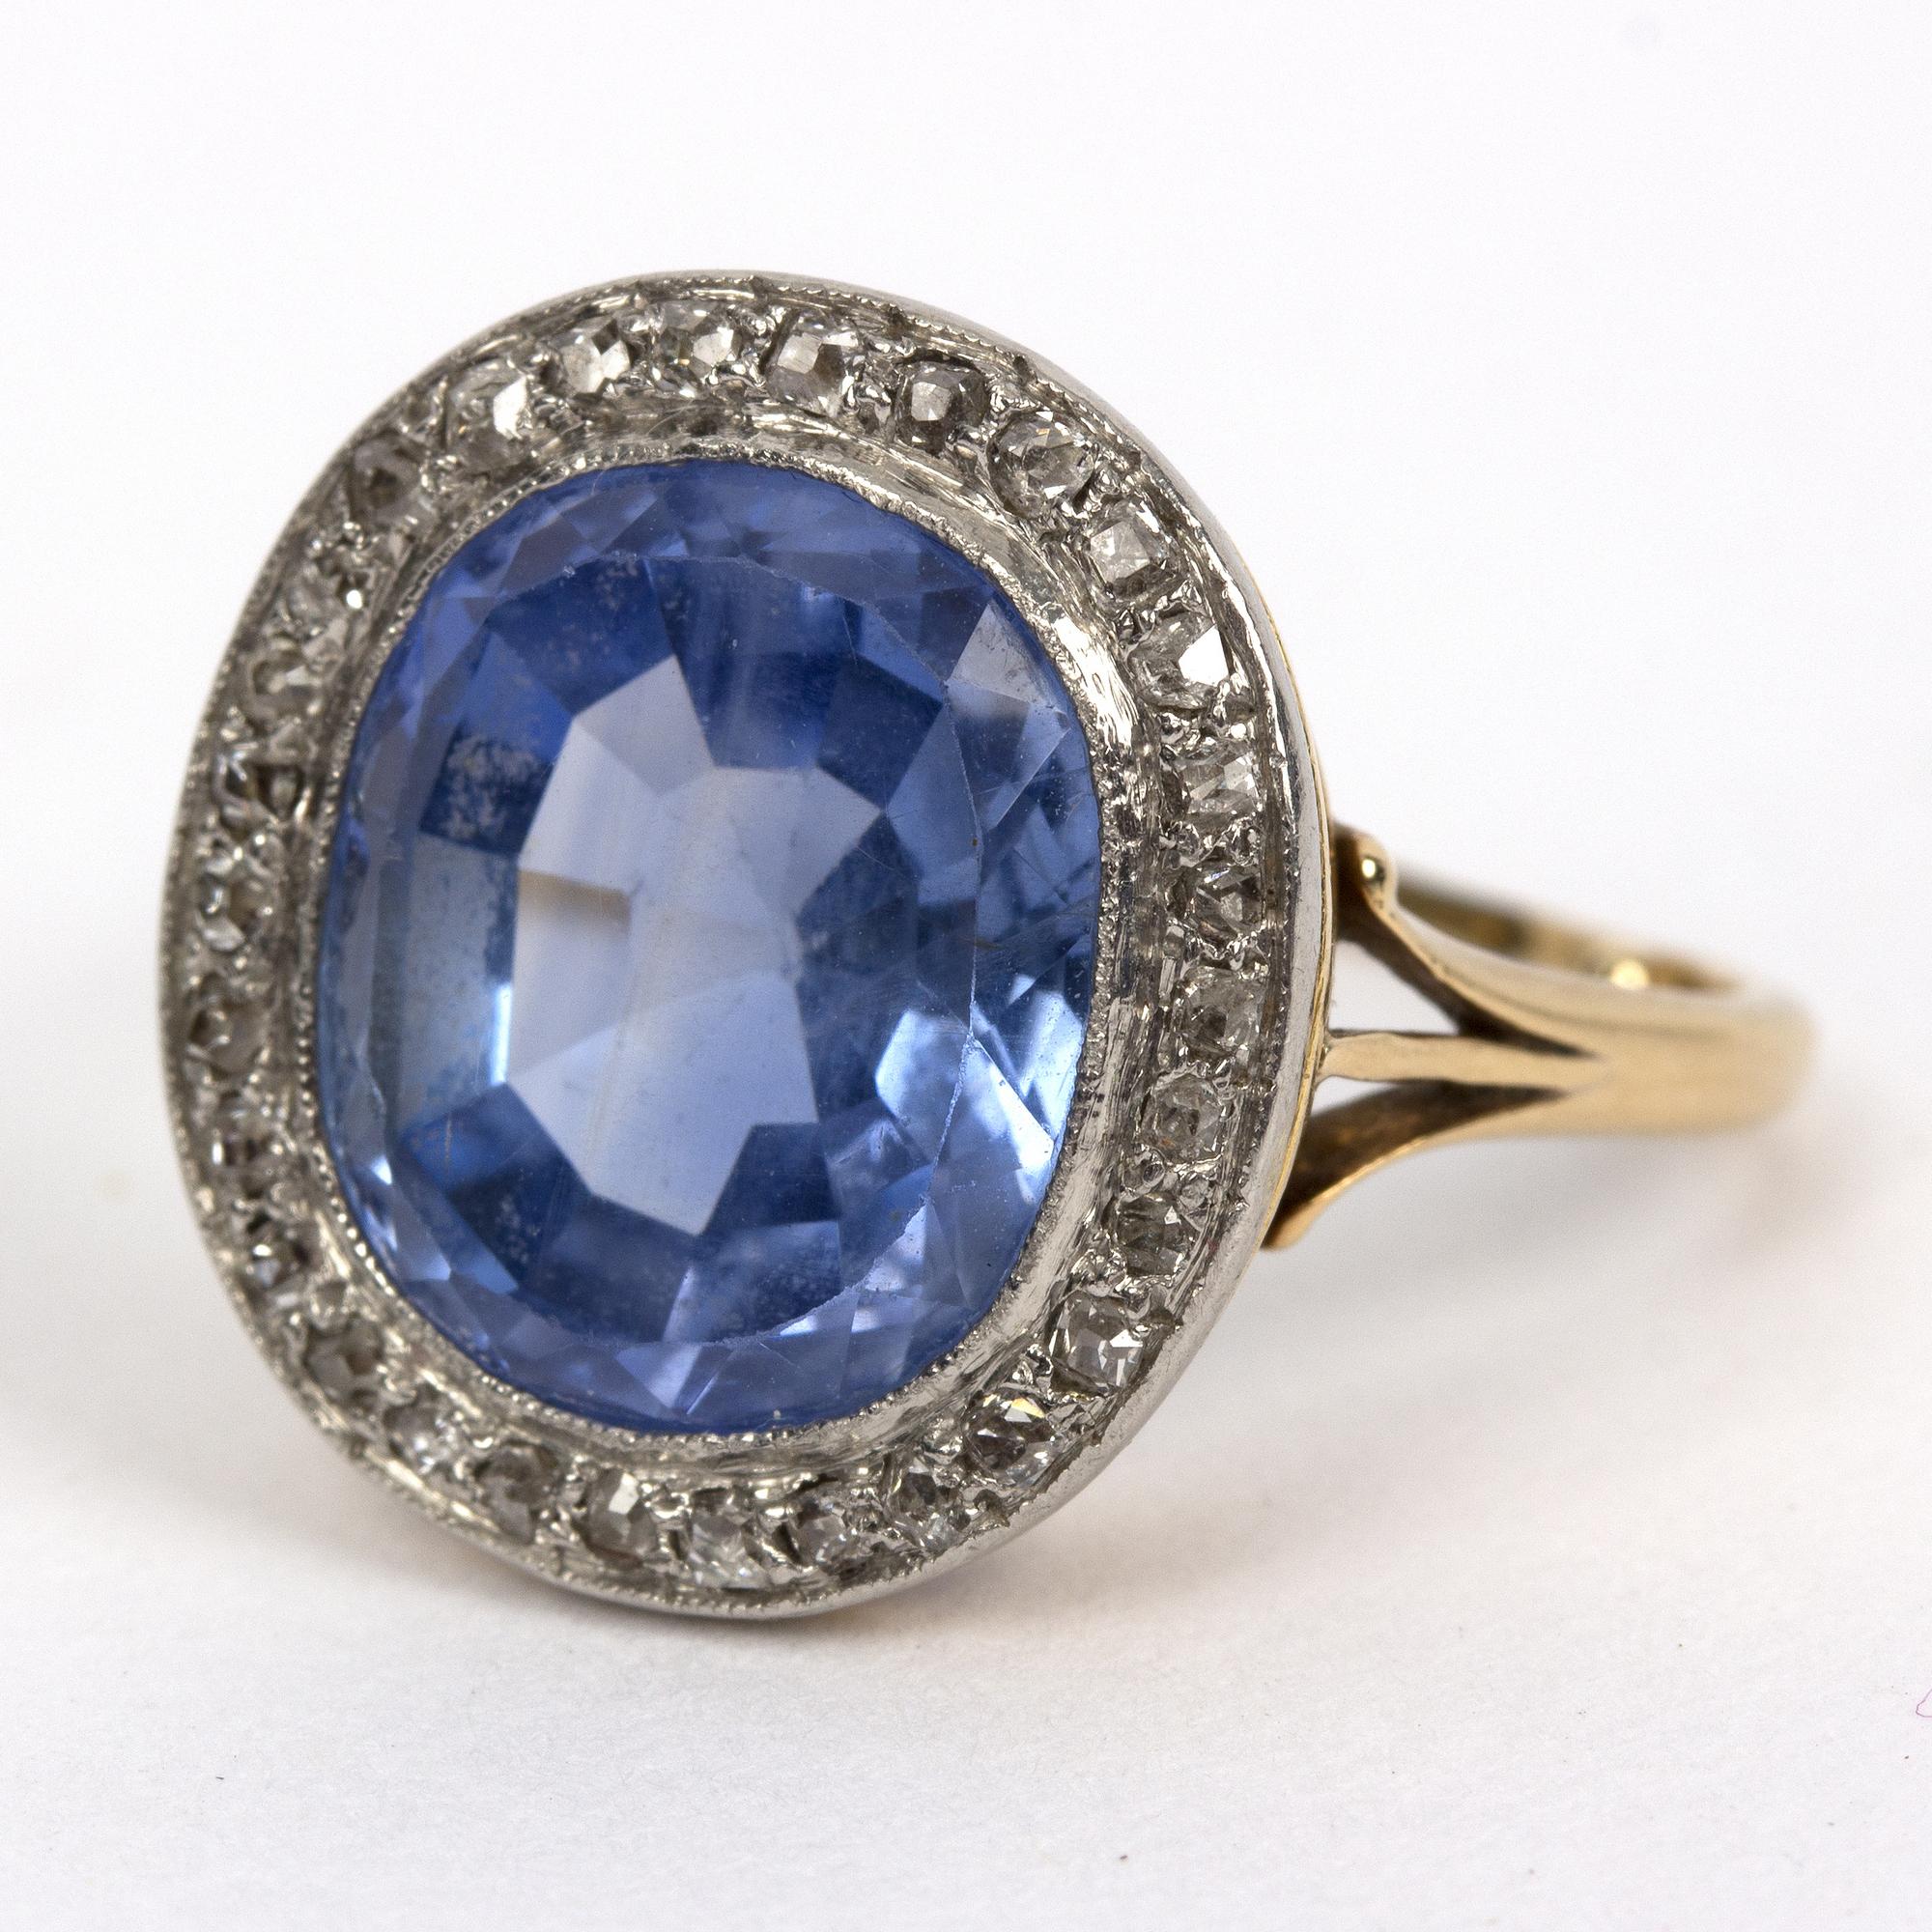 蓝宝石和钻石戒指。图片提供:雀立拍卖行。